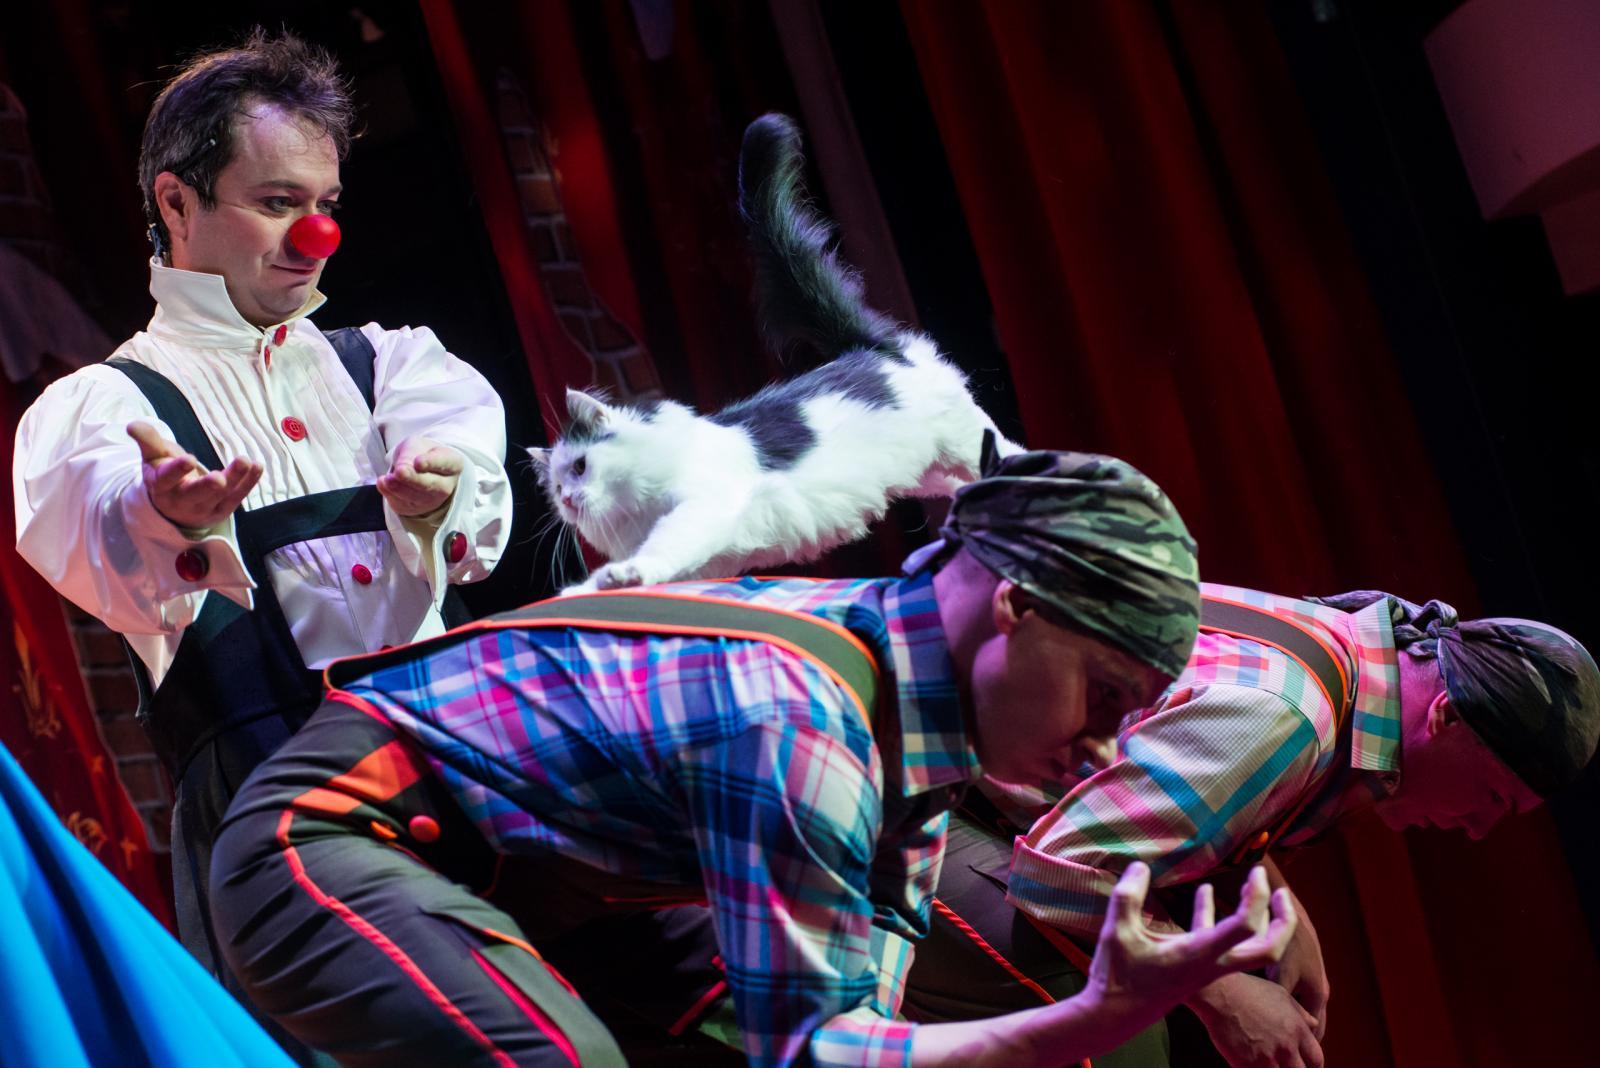 картинки кот в театре природных неровностей нанести